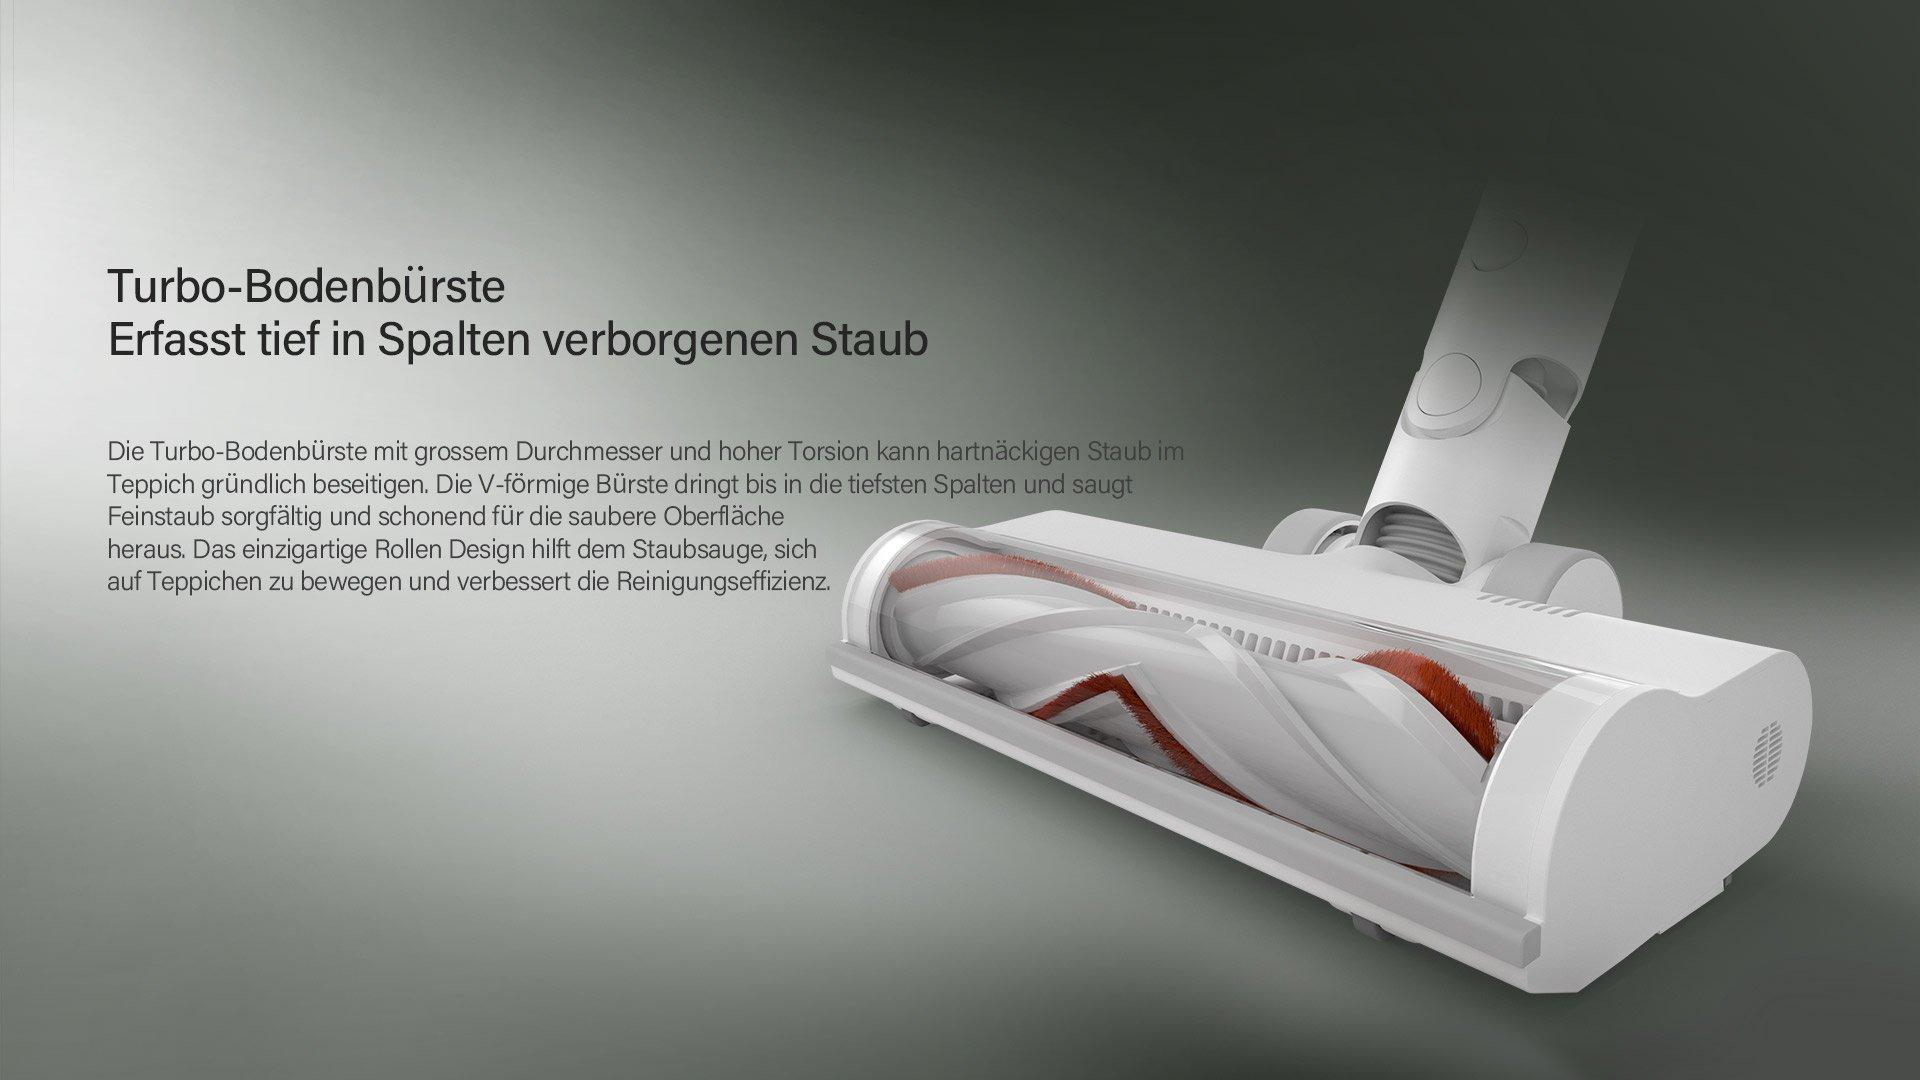 Turbo Bodenbürste des G9 Staubsaugers